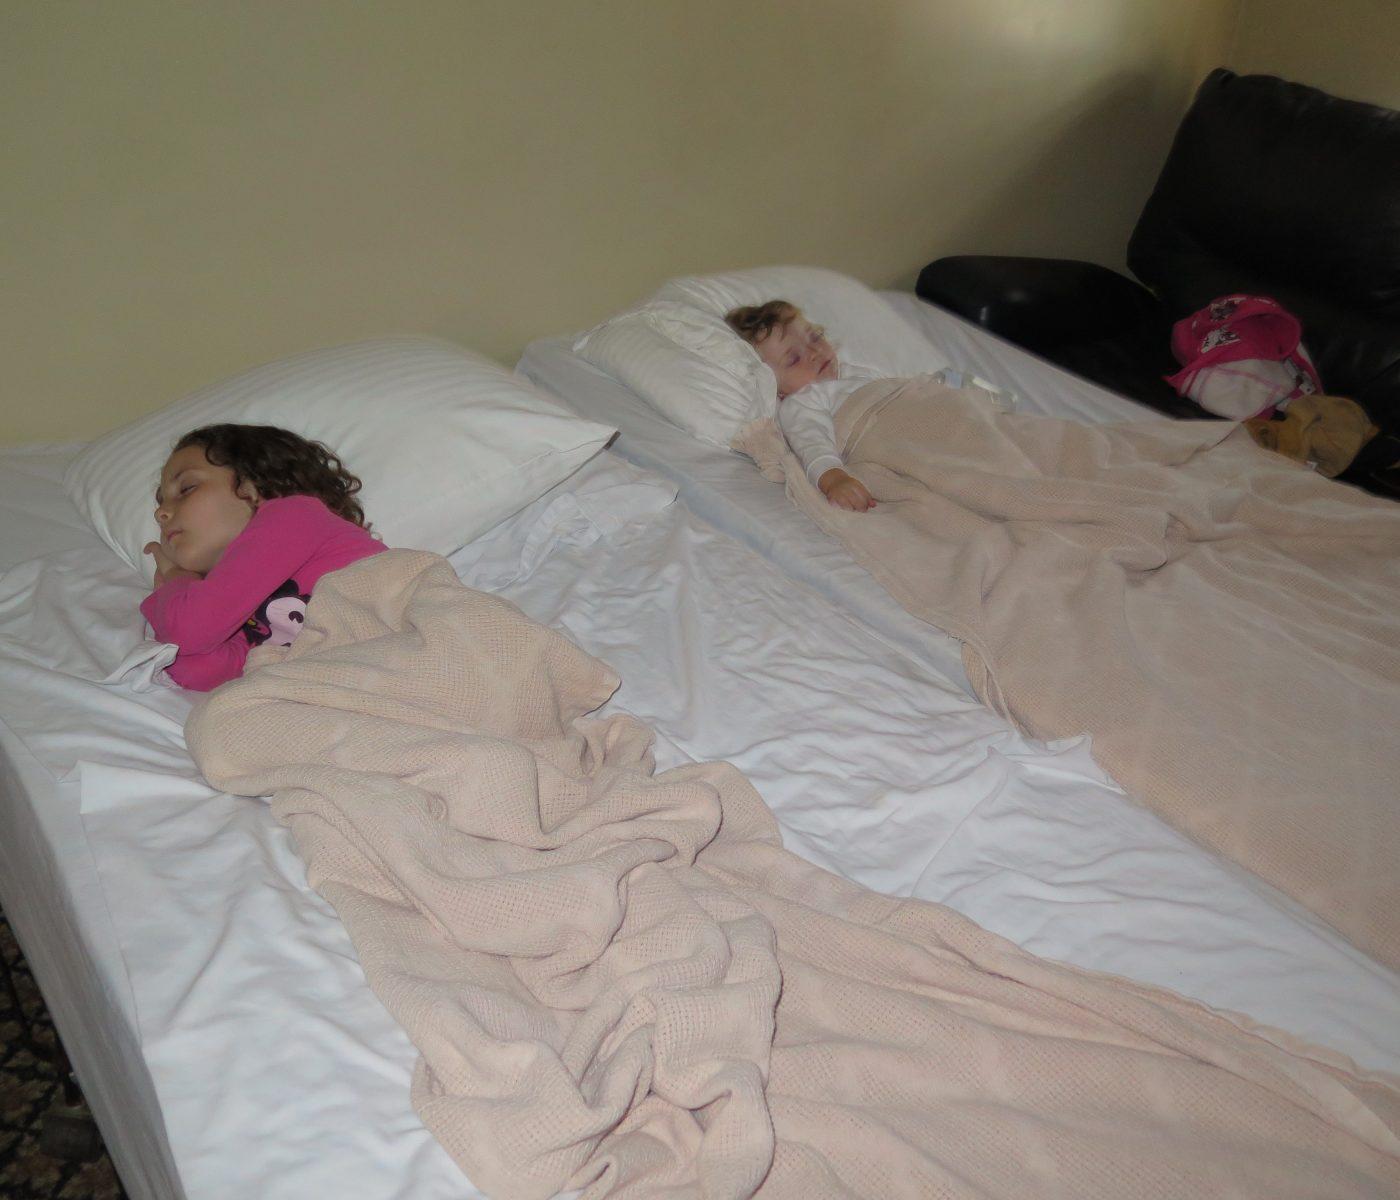 הסלון במלון פארק האוס והילדים המותשים מהטיסות והטיולים.צוברים כח לחתונה הגדולה